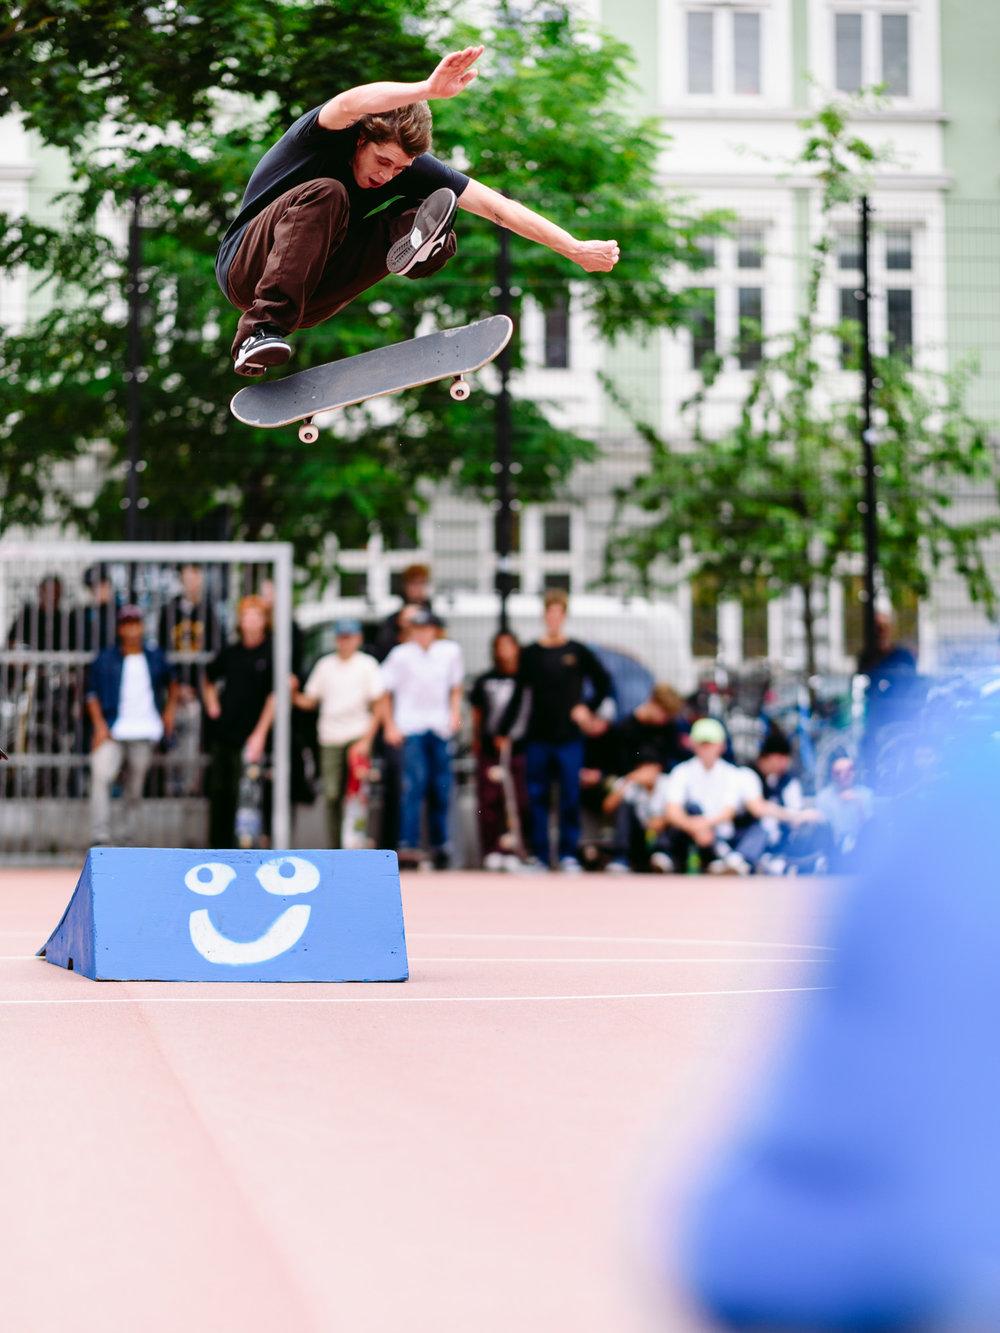 Yuri Facchini → Shifty Flip